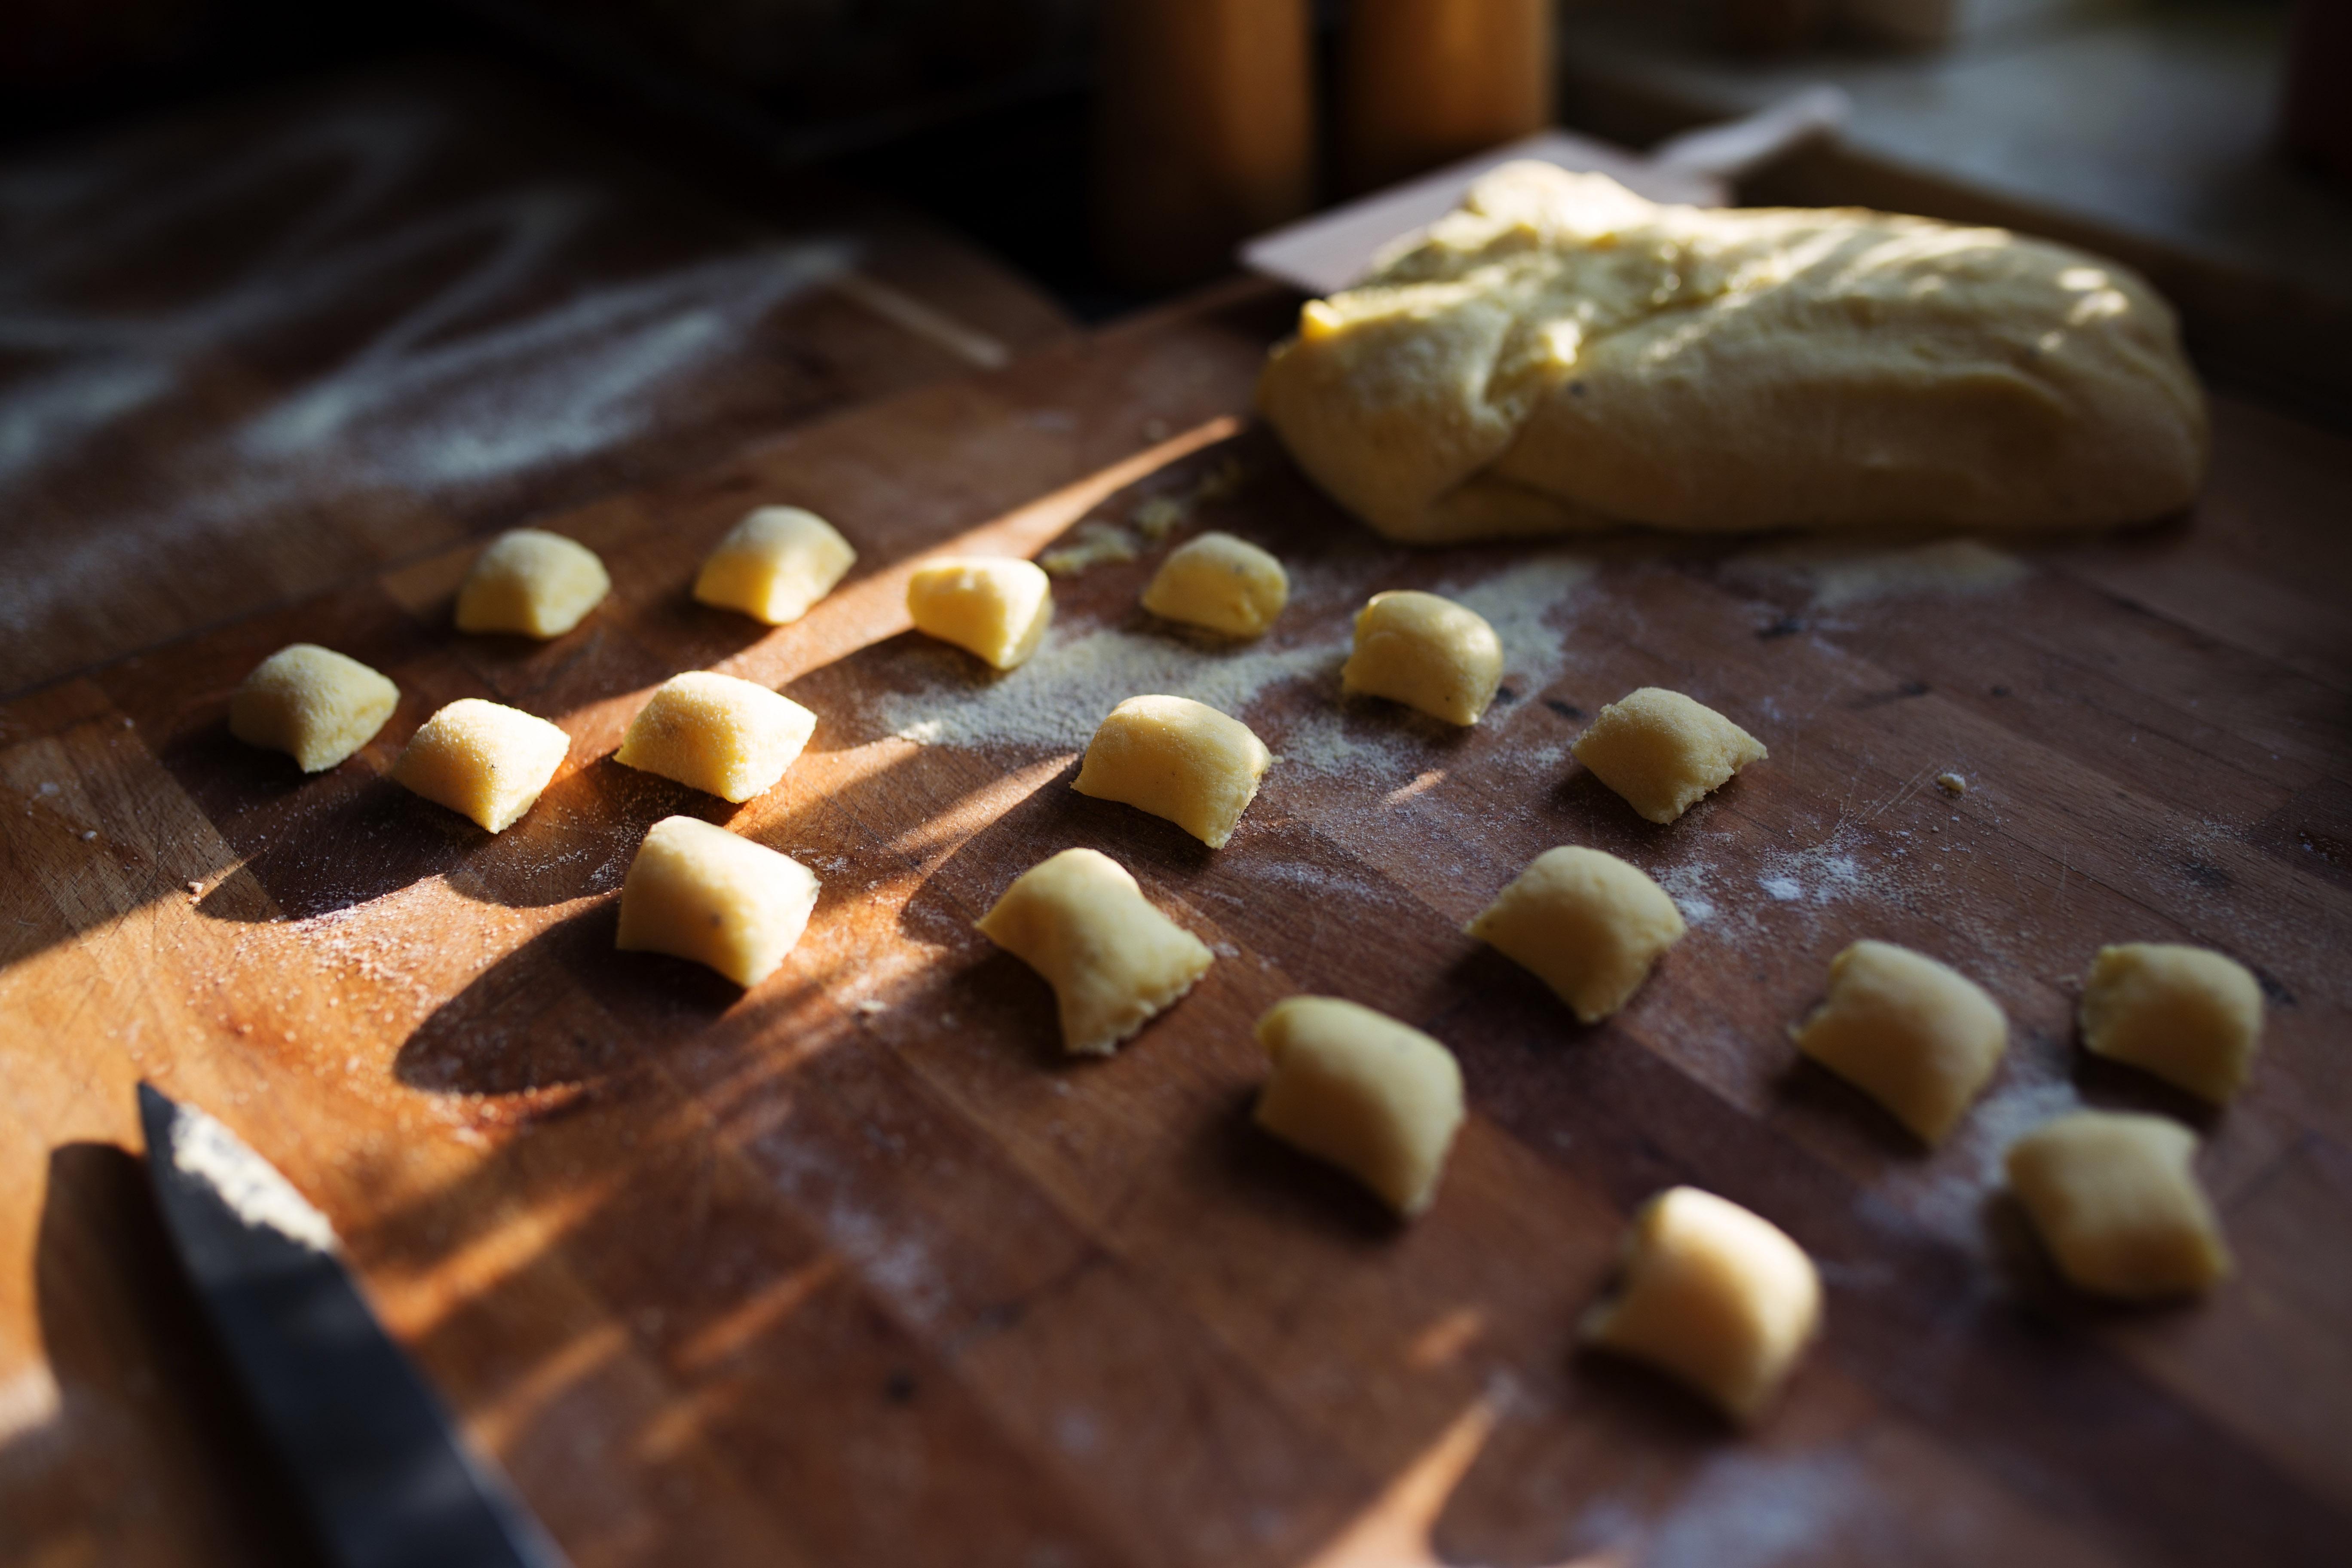 krojenie ciasta na gnocchi nożem